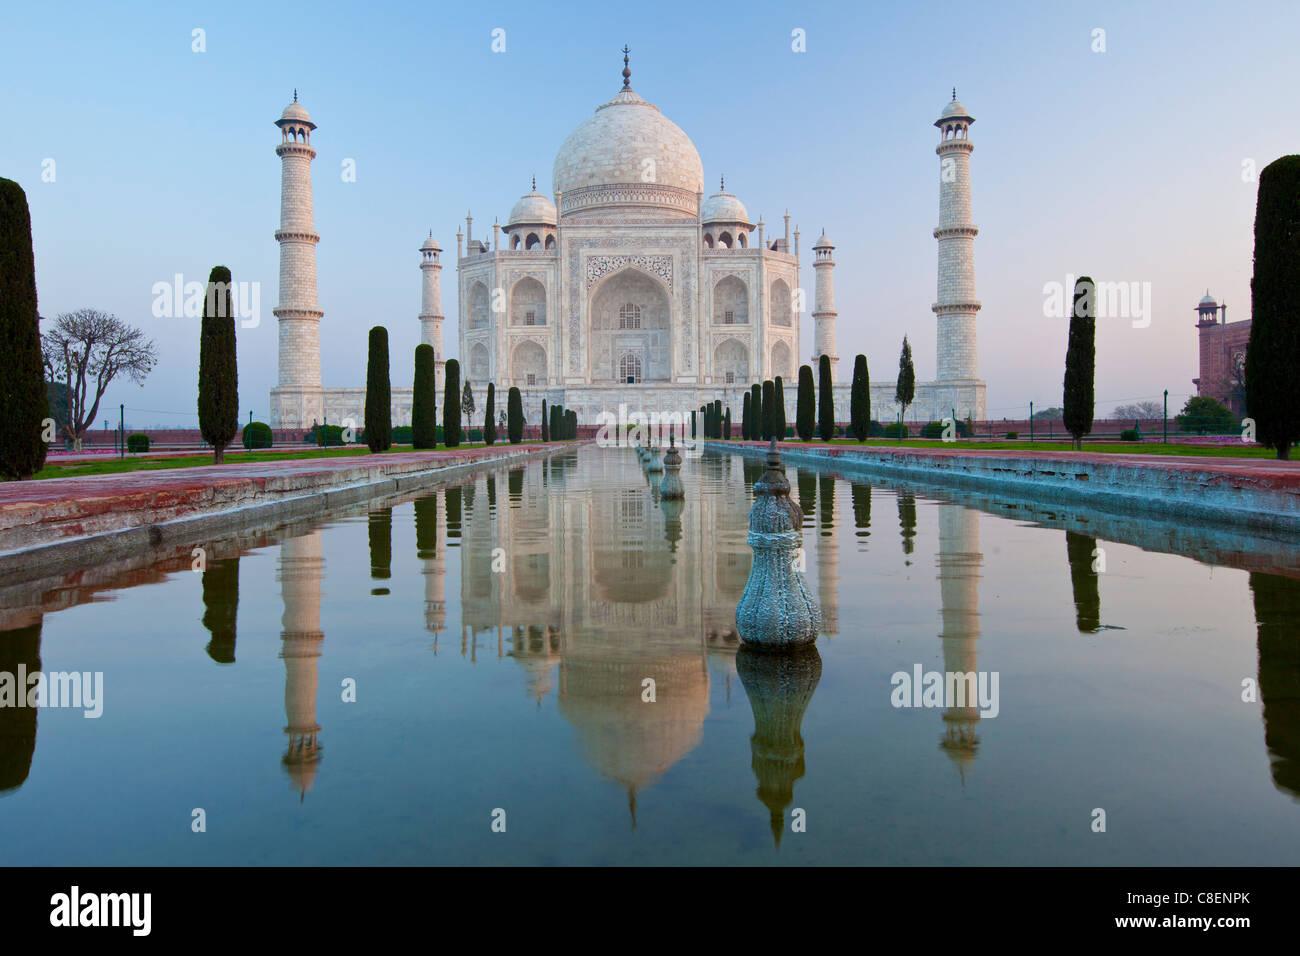 El Taj Mahal mausoleo del sur con vista piscina reflectante y cipreses, Uttar Pradesh, India Imagen De Stock